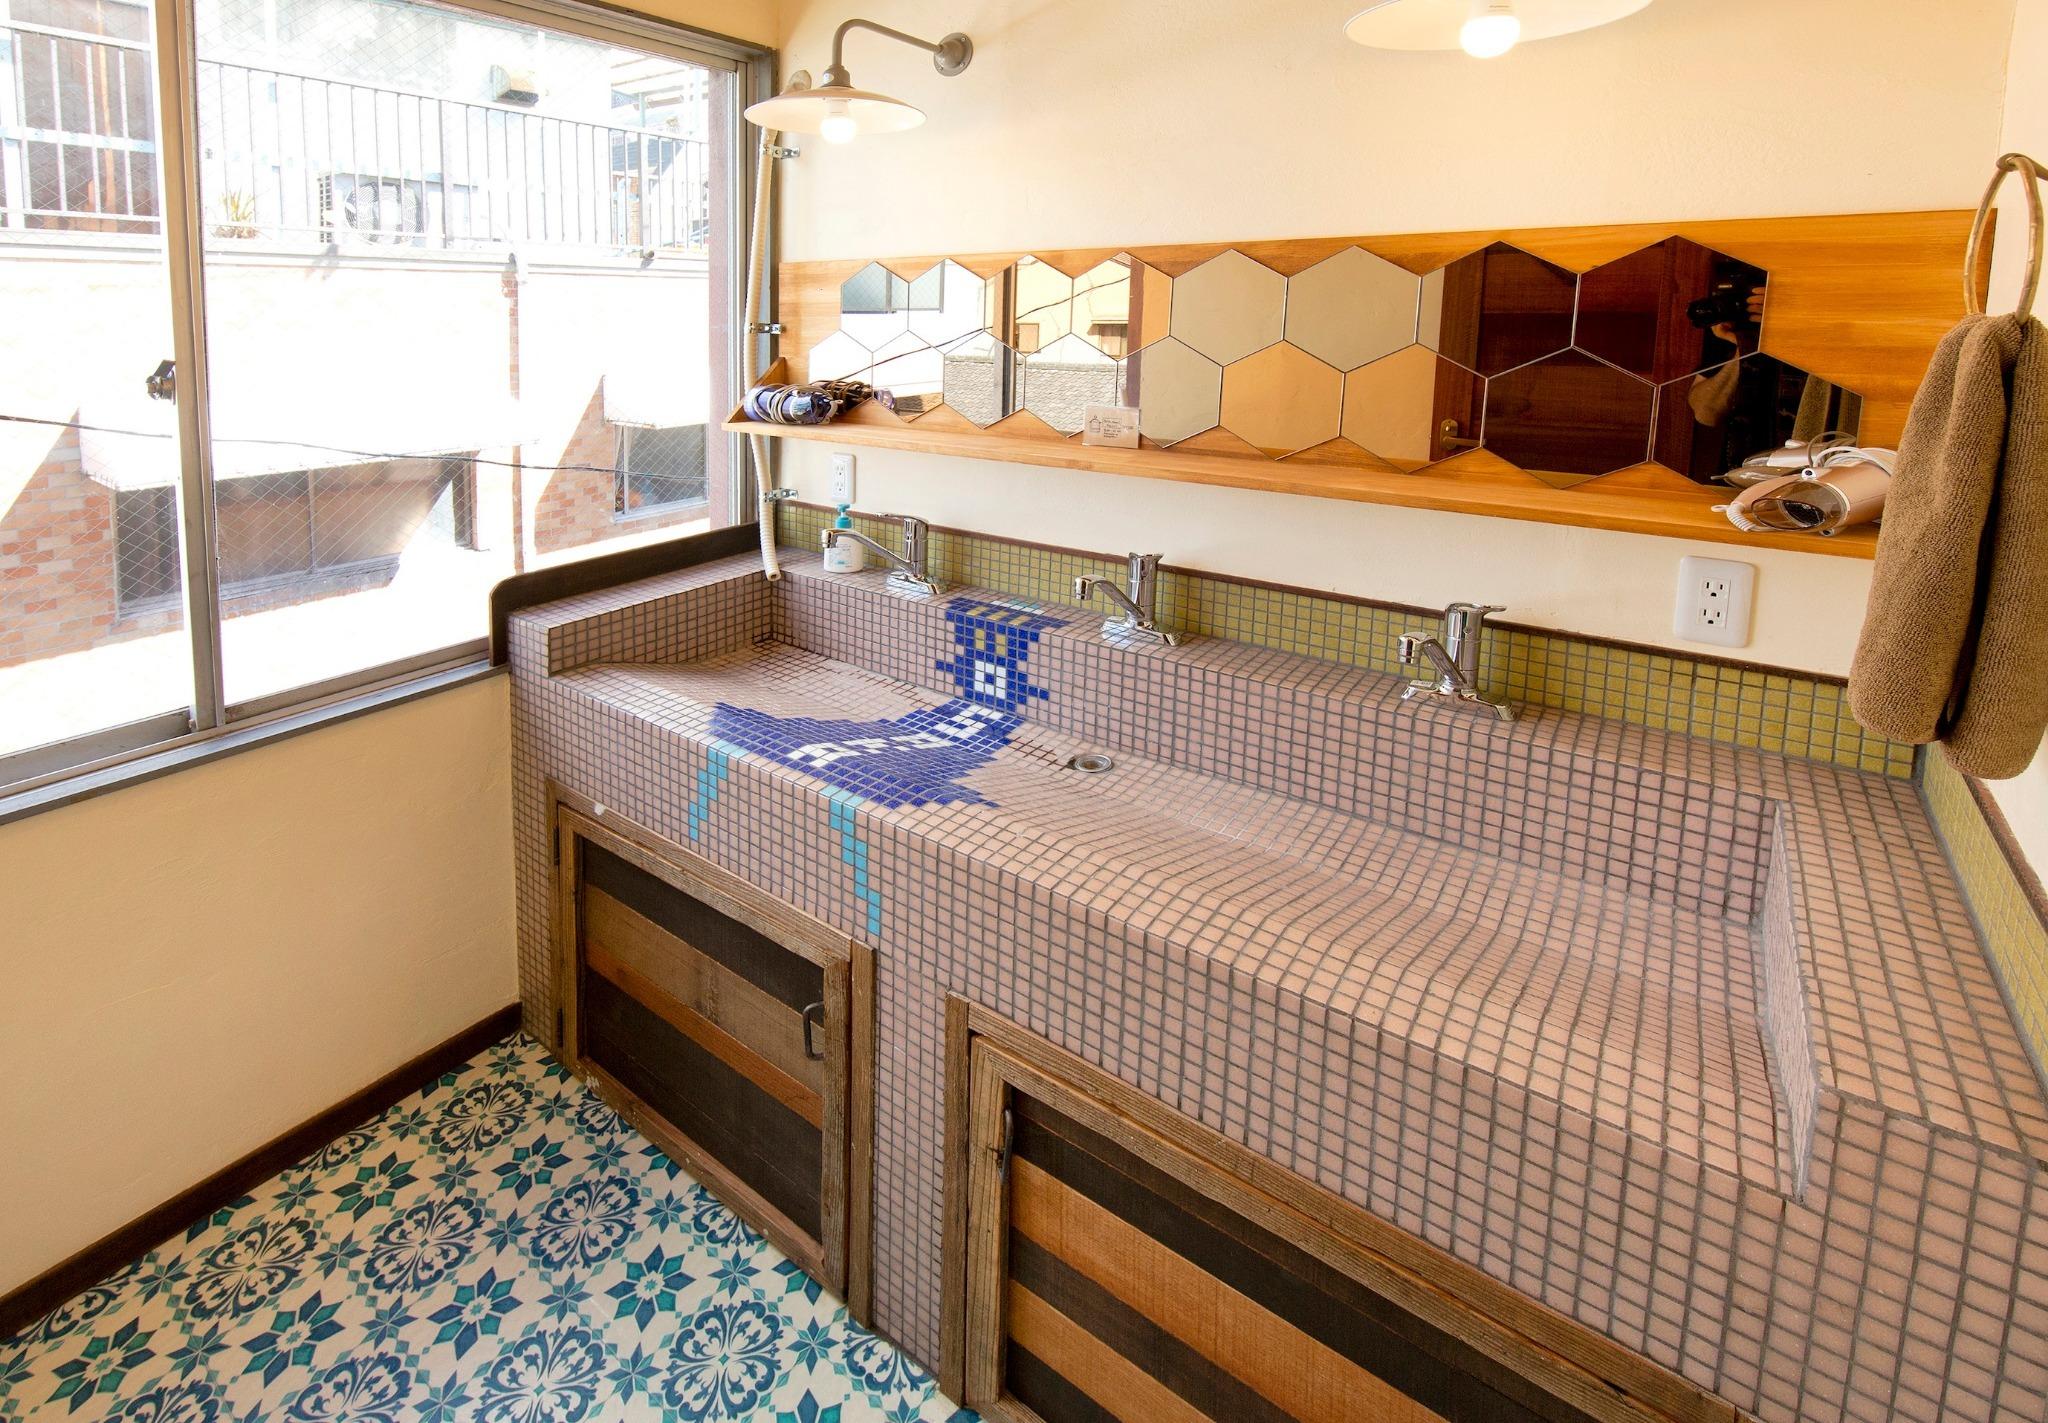 手作りの洗面台、シャワー、トイレは部屋の外にあり共同利用となります。シャンプー、リンス、ボディソープ、ヘアドライヤーをご用意しております。